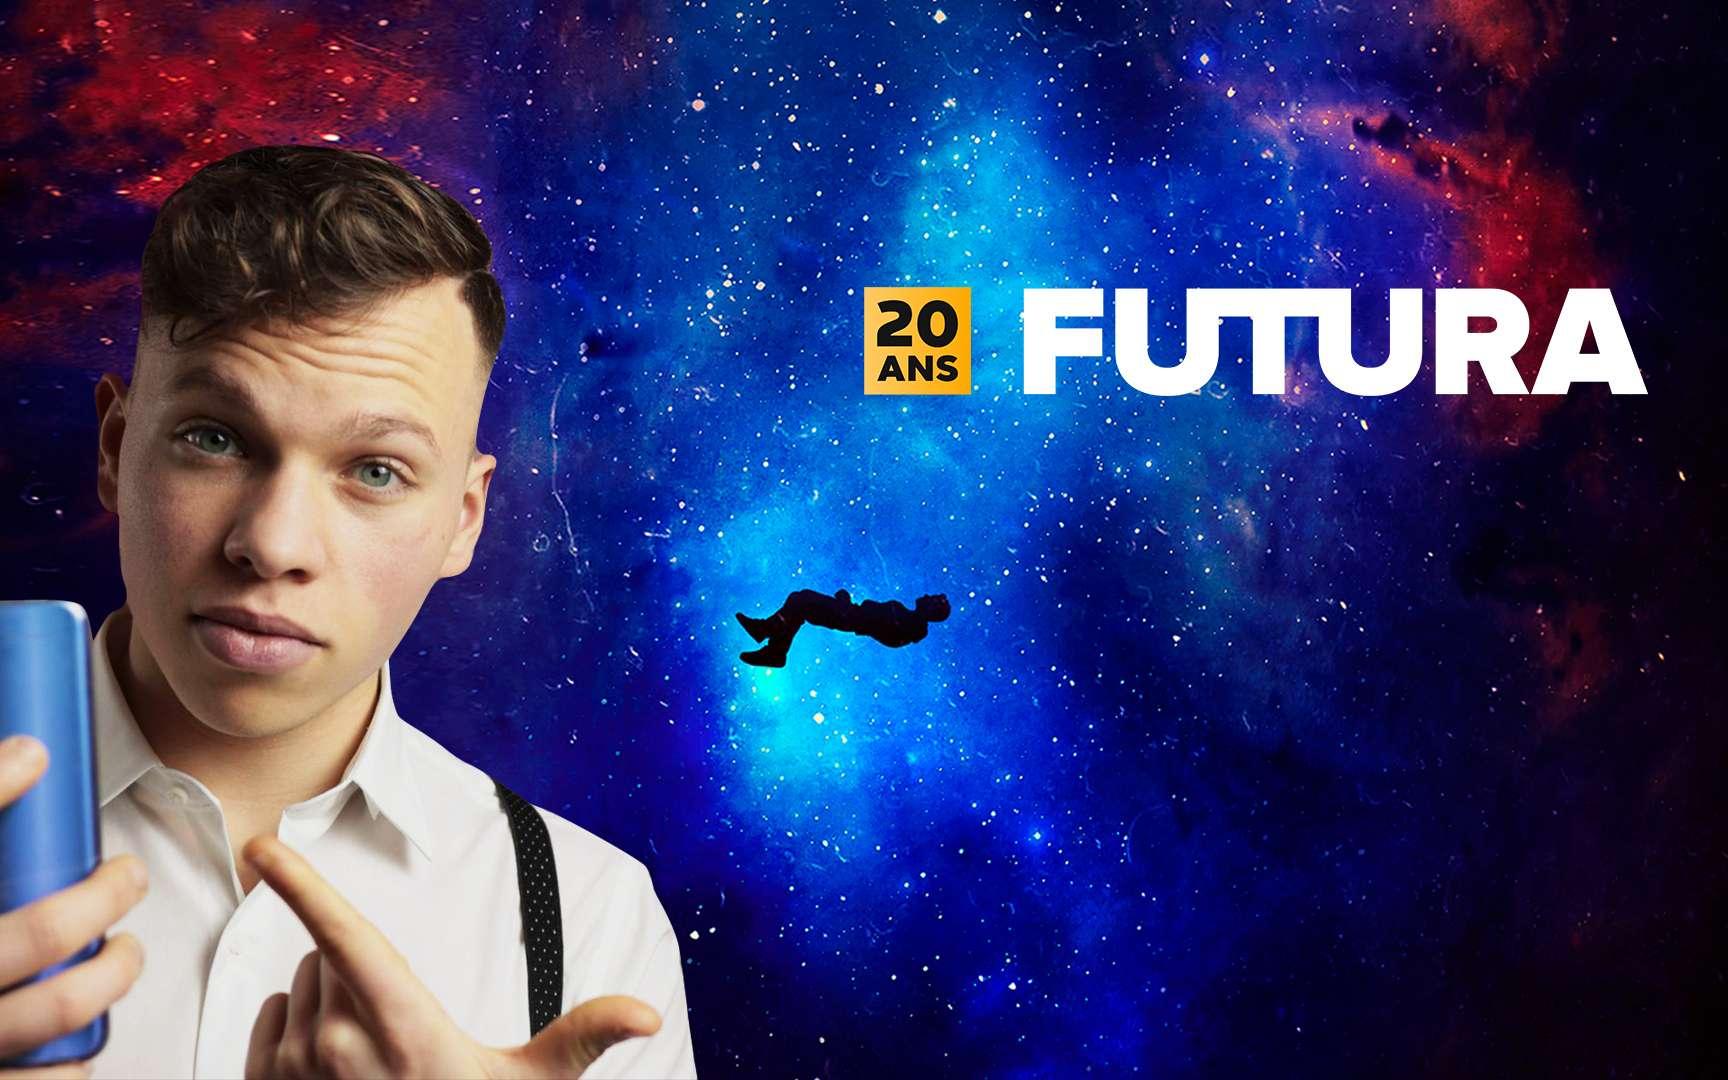 À l'occasion de ses 20 ans, Futura s'associe à Corentin Colin, le créateur de contenus web vidéo, pour vous présenter la plus énorme des surprises que les équipes de votre média préféré vous réservent. © Futura